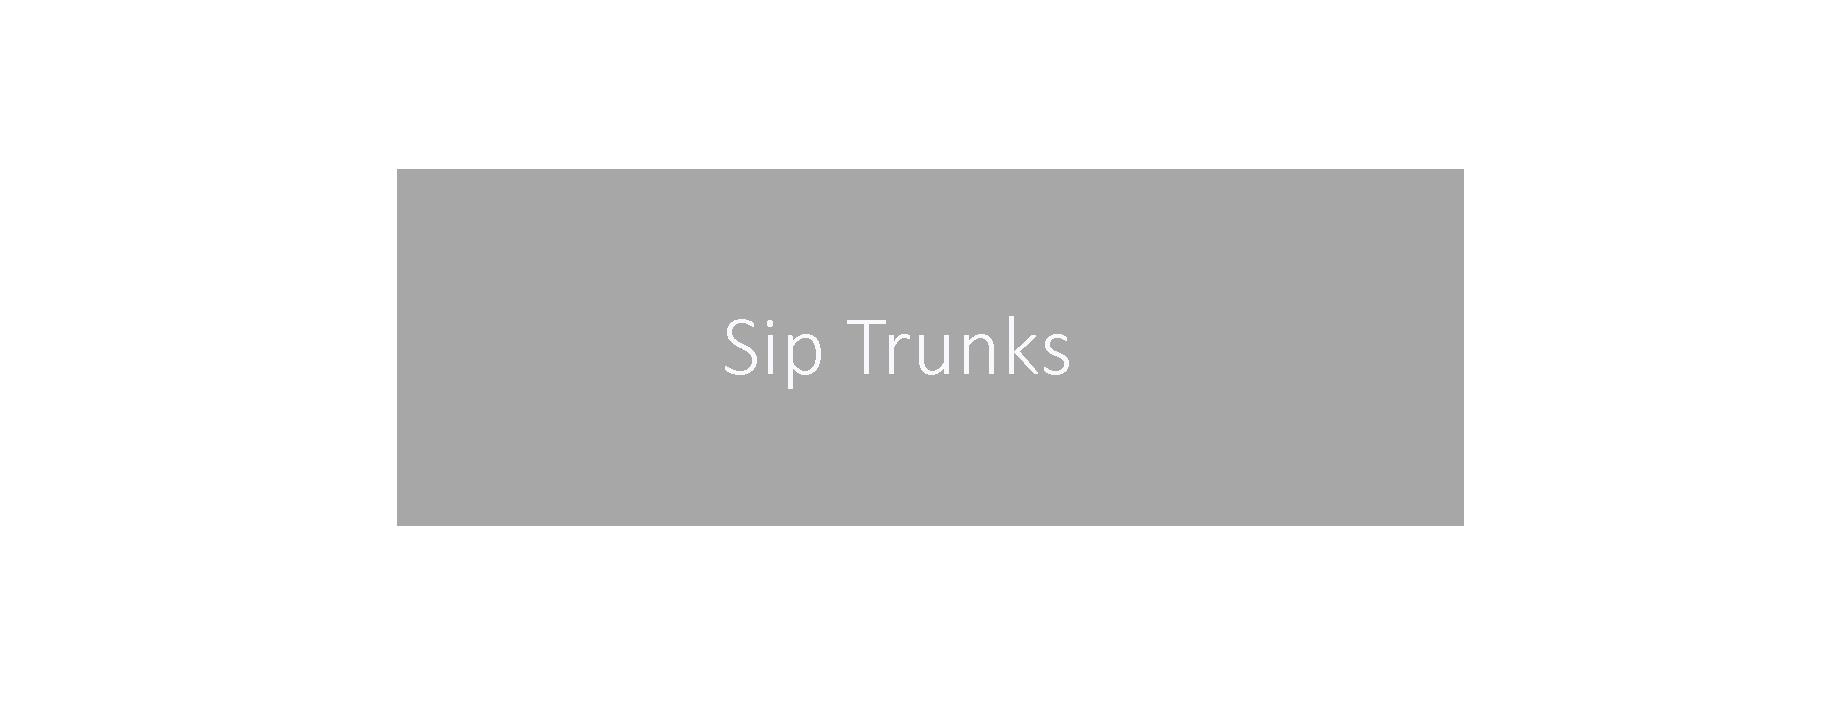 Sip Trunks Microsoft Teams Telefonie, telefonieren über Microsoft Teams